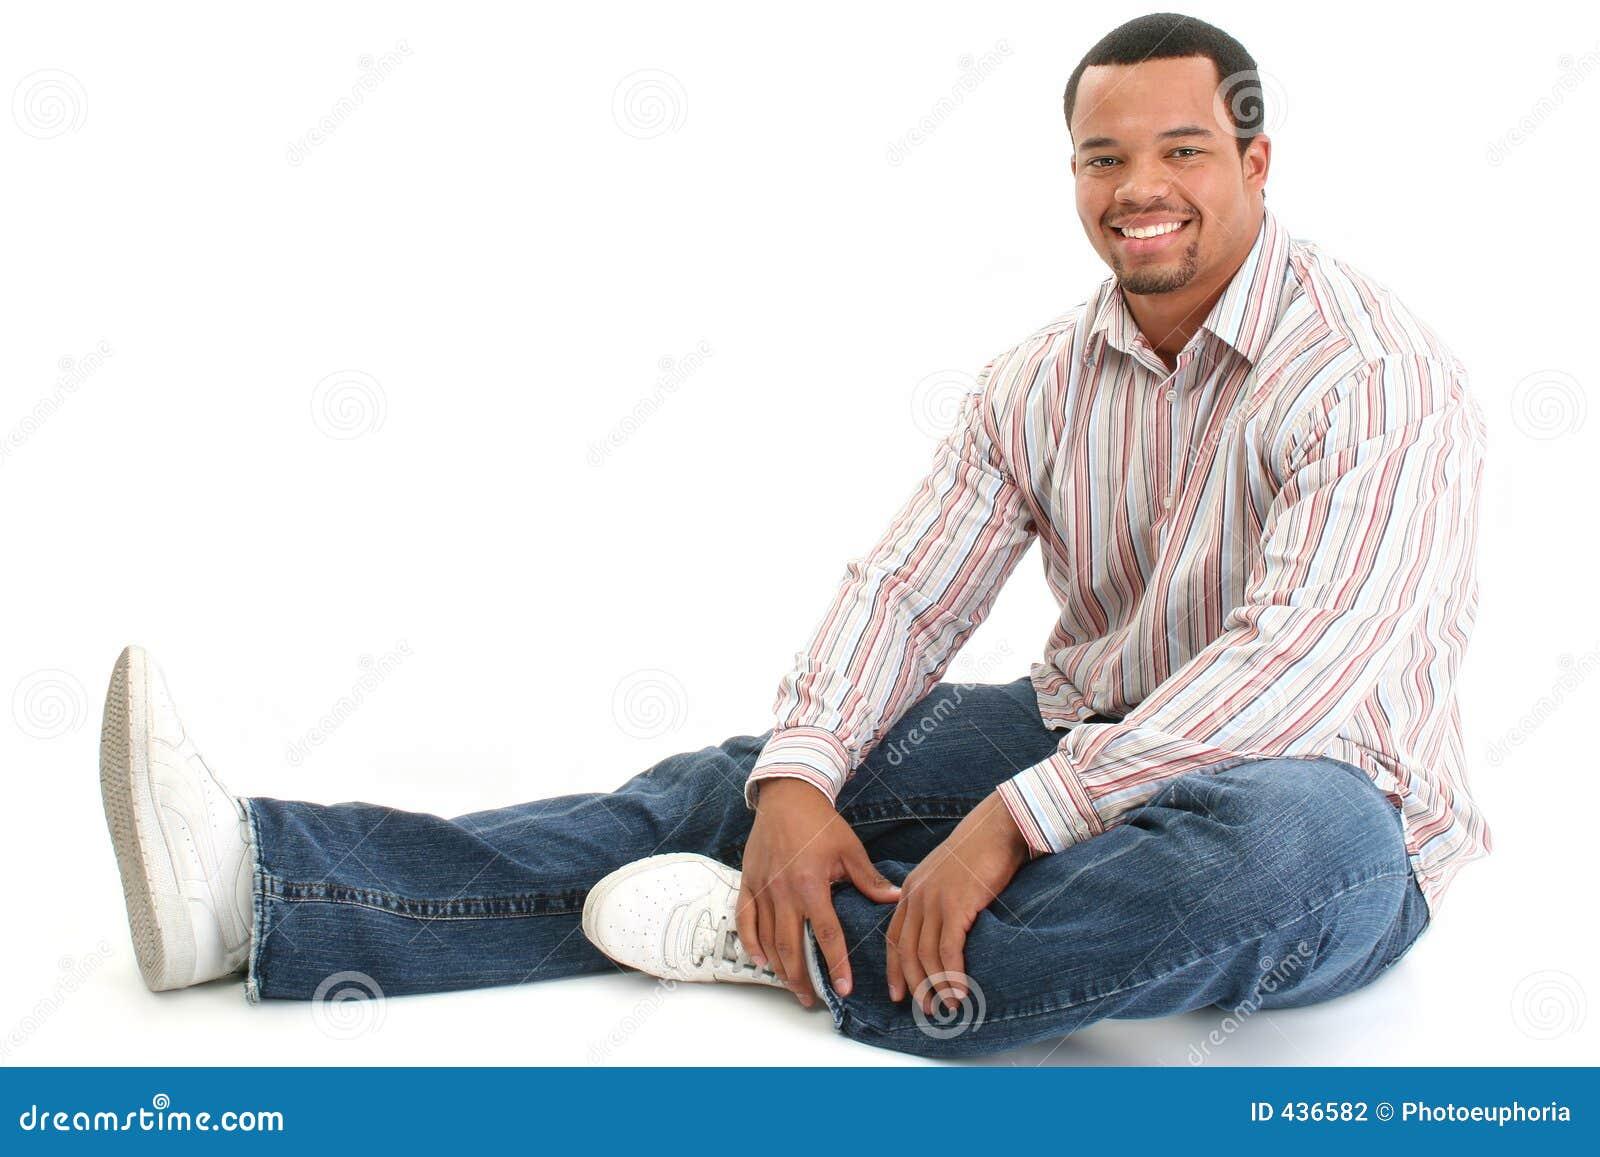 Stattliches männliches Sitzen auf Fußboden